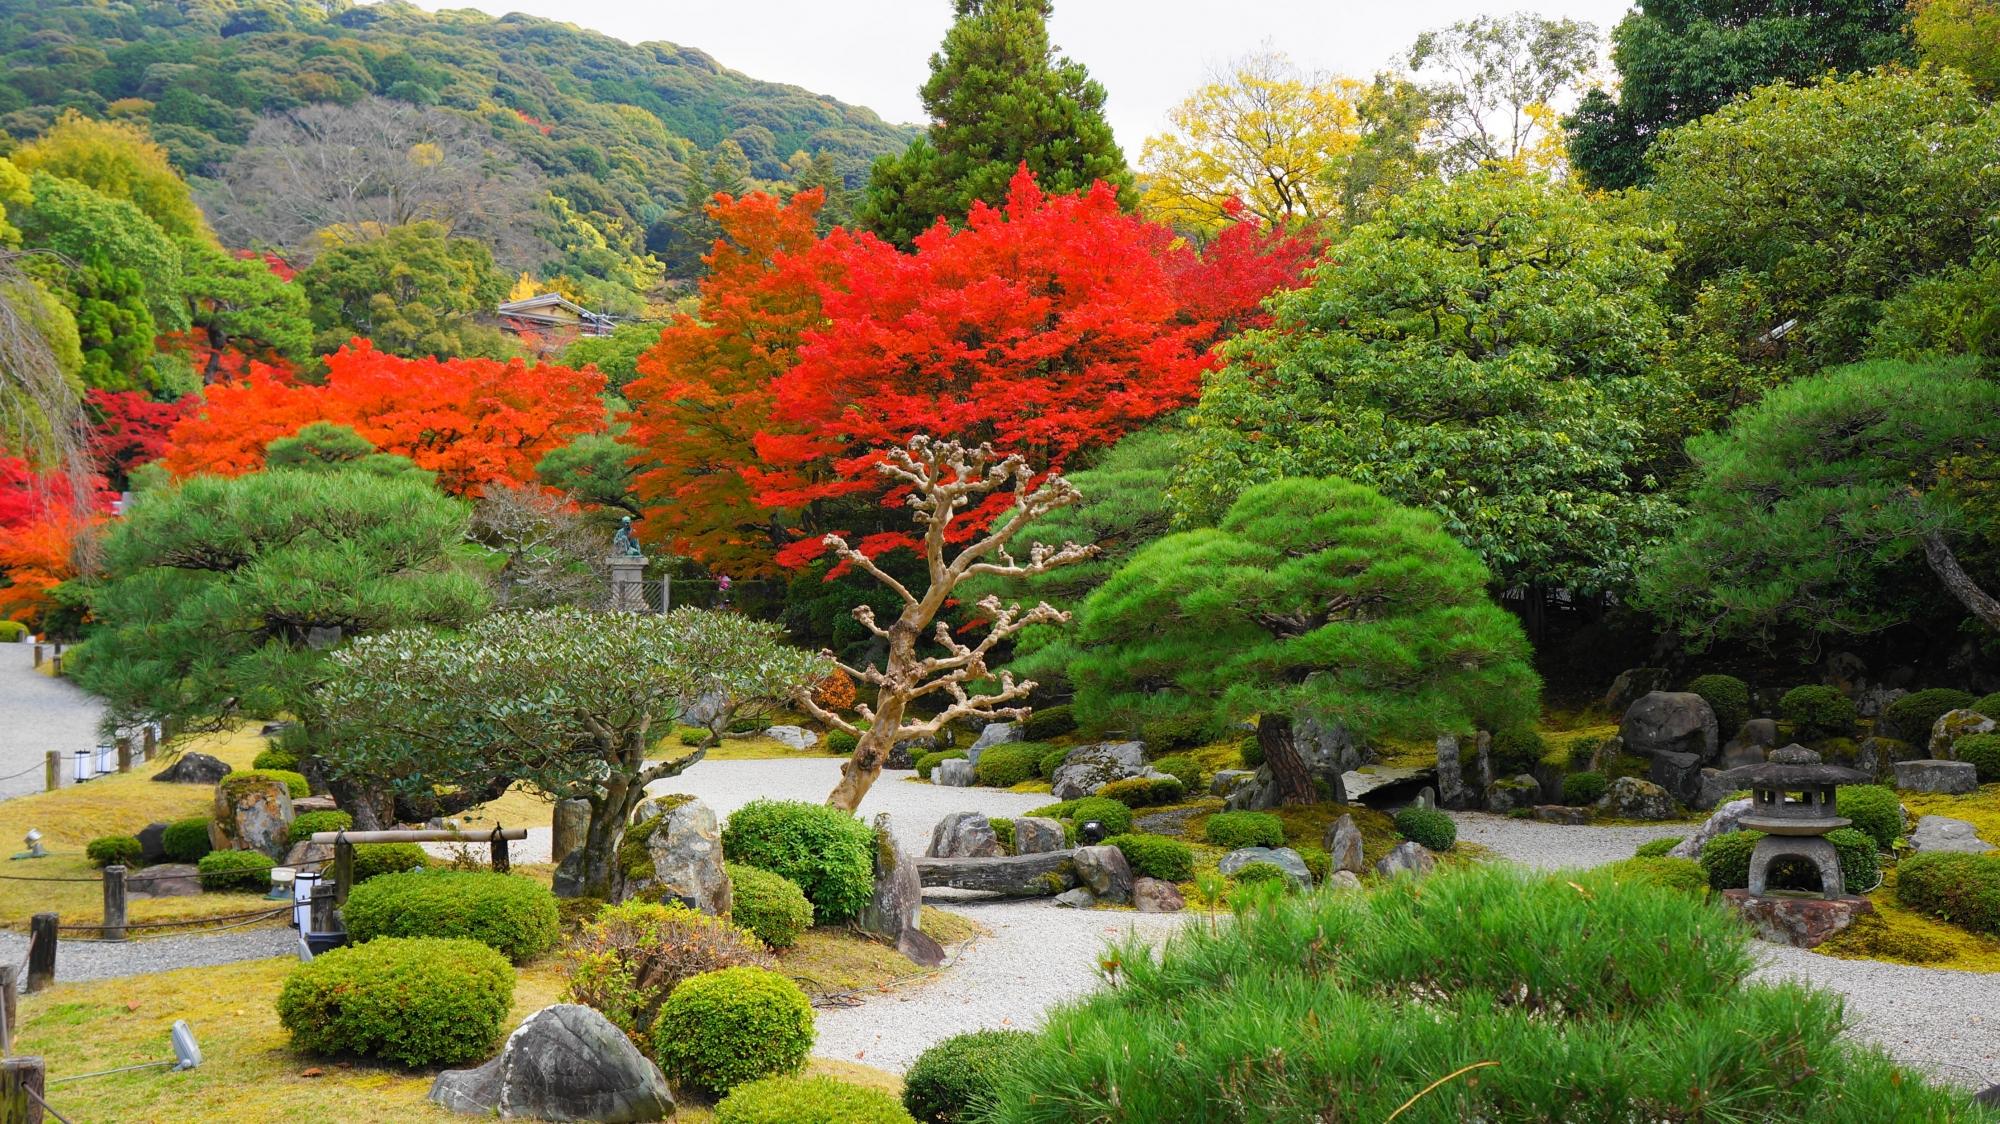 彩り豊かな絶品の秋の知恩院友禅苑